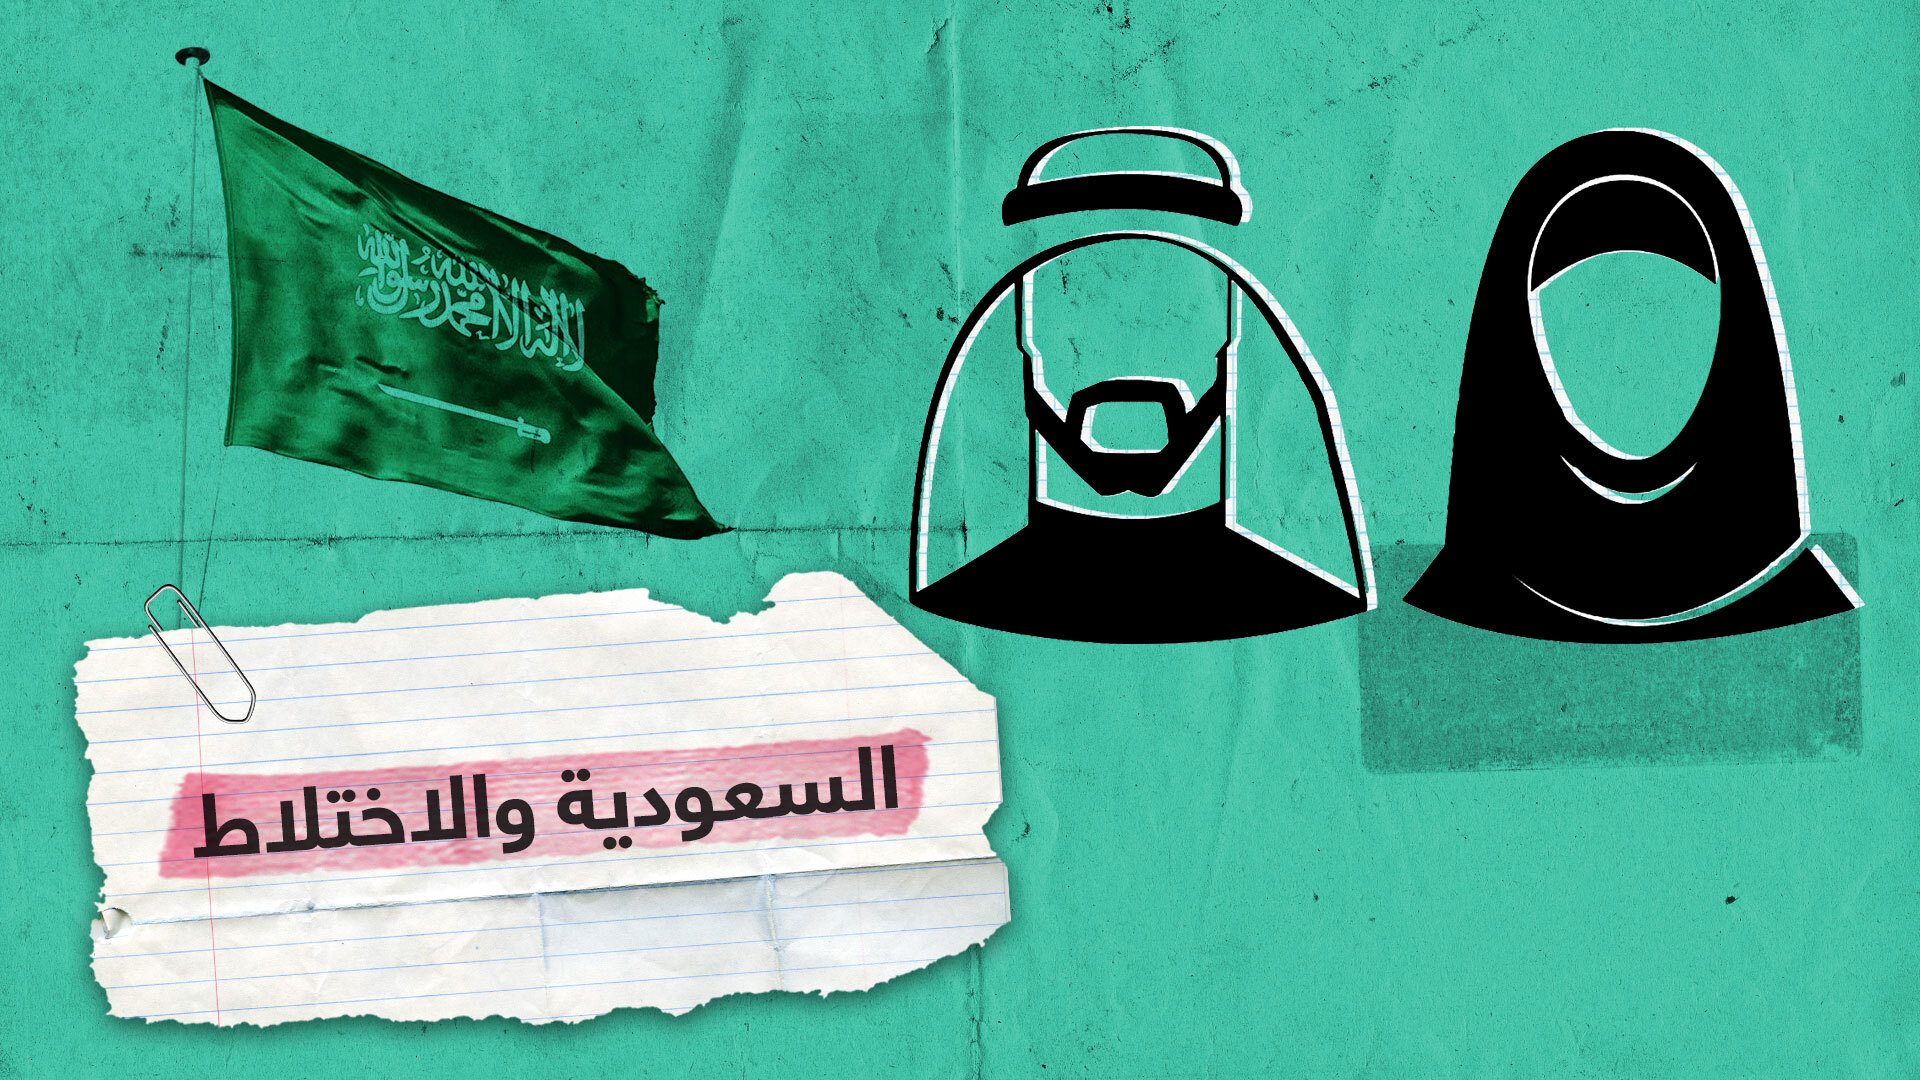 ناشط سعودي: عليك زيارة طبيب نفسي إذا كنت تداوم مع بنات ولا تتحرك فيك غرائز!